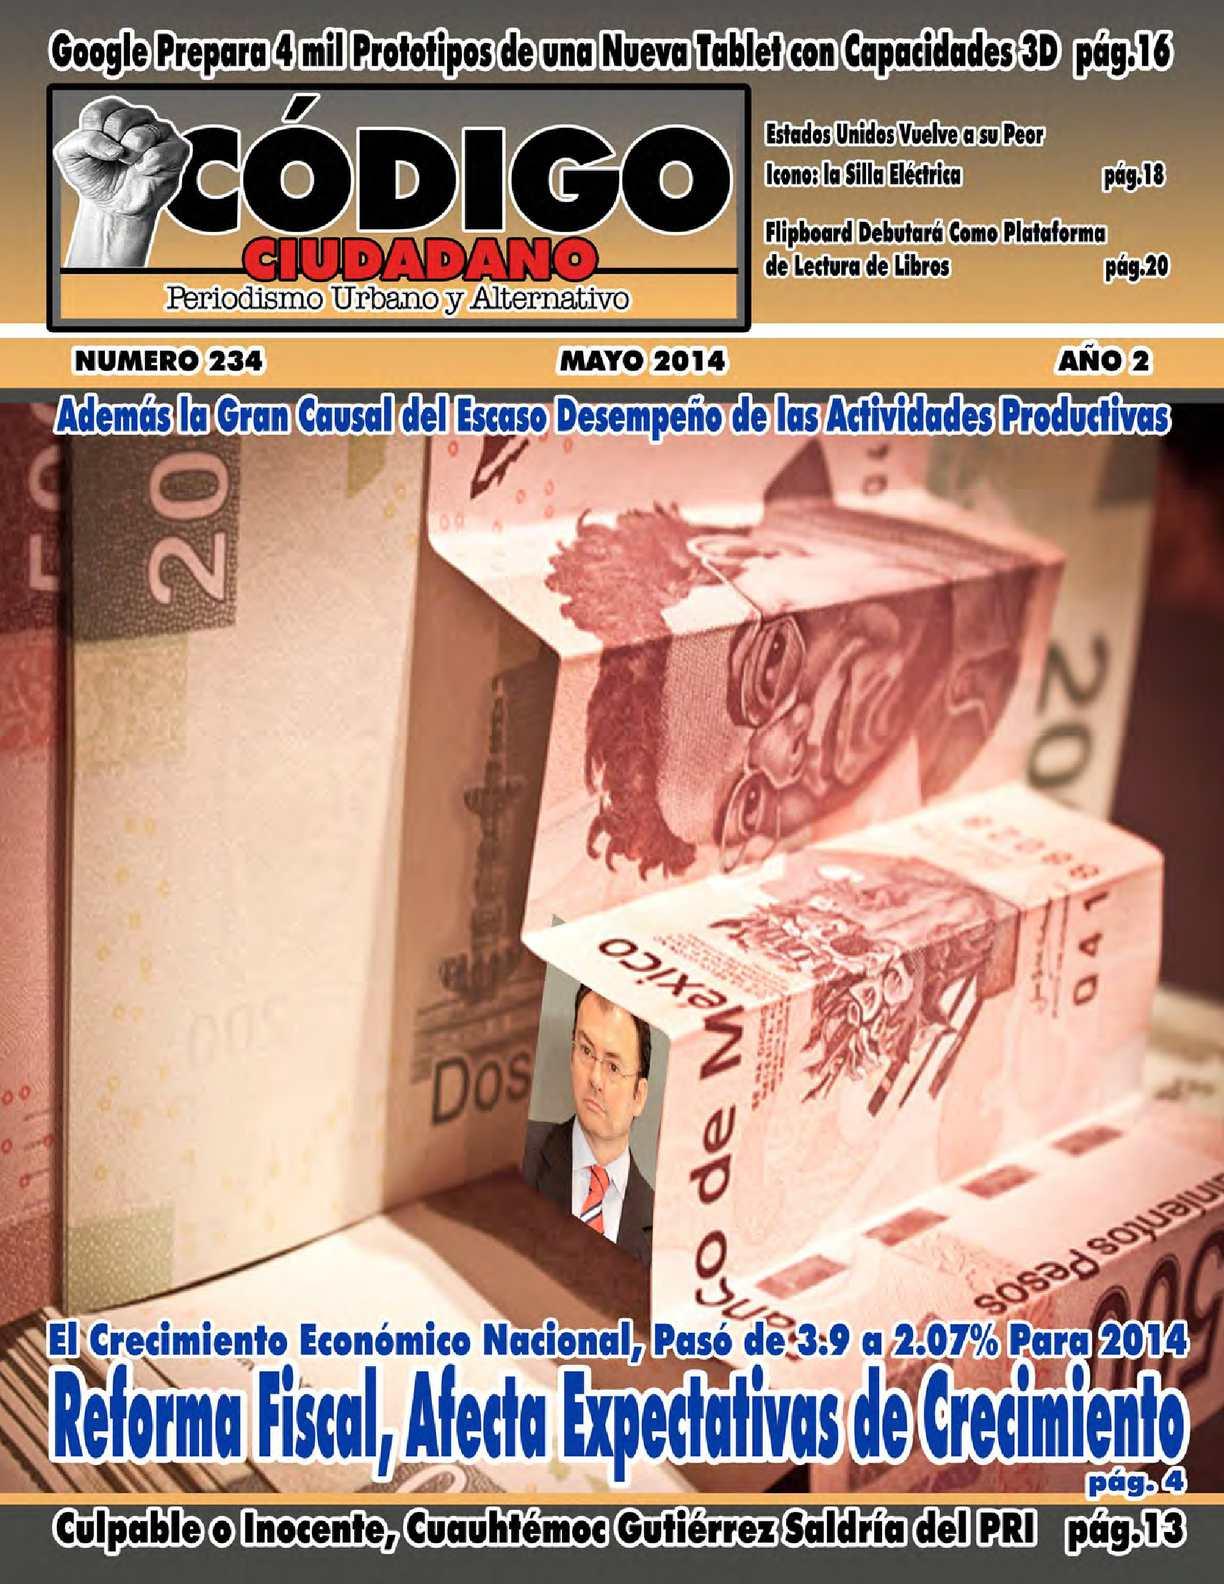 online retailer f984b 3be39 Calaméo - CÓDIGO CIUDADANO 234